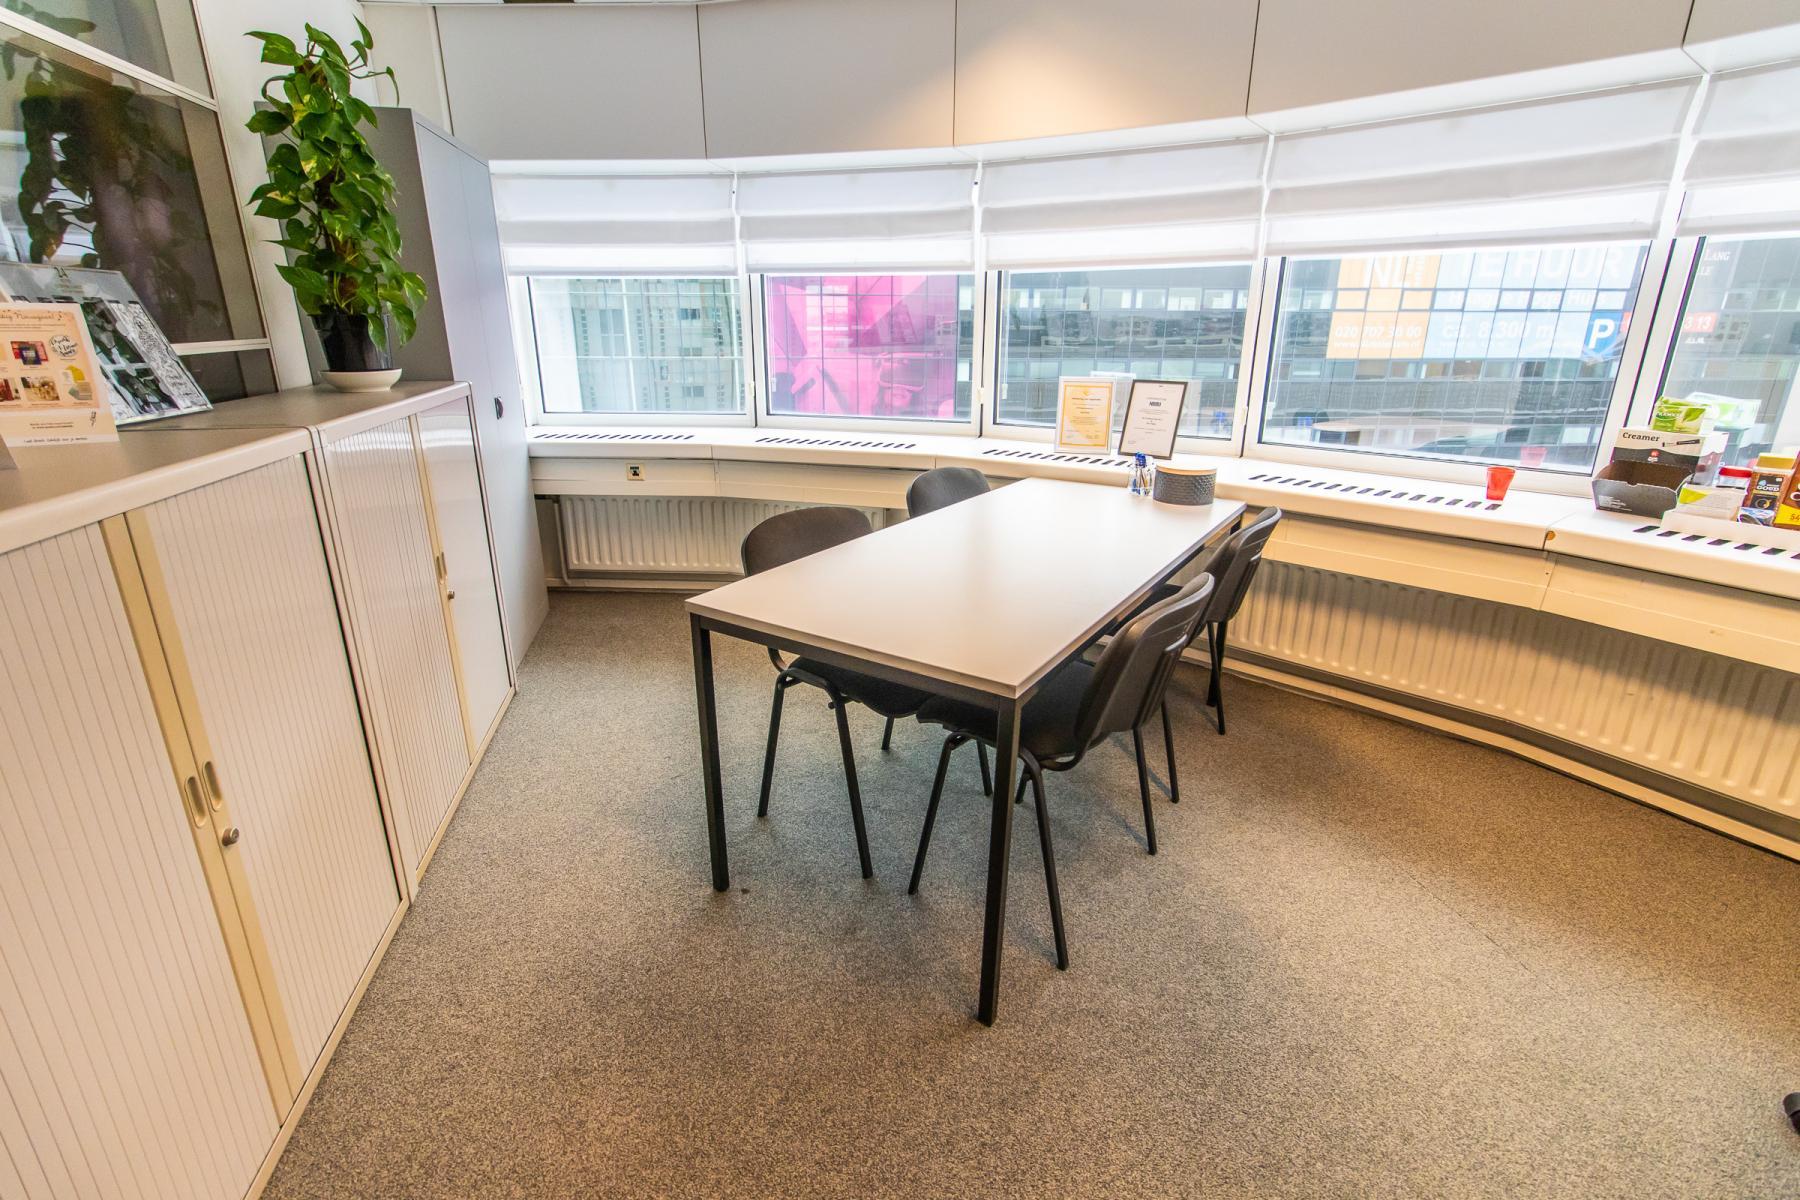 Rent office space Waldorpstraat 17, Den Haag (17)